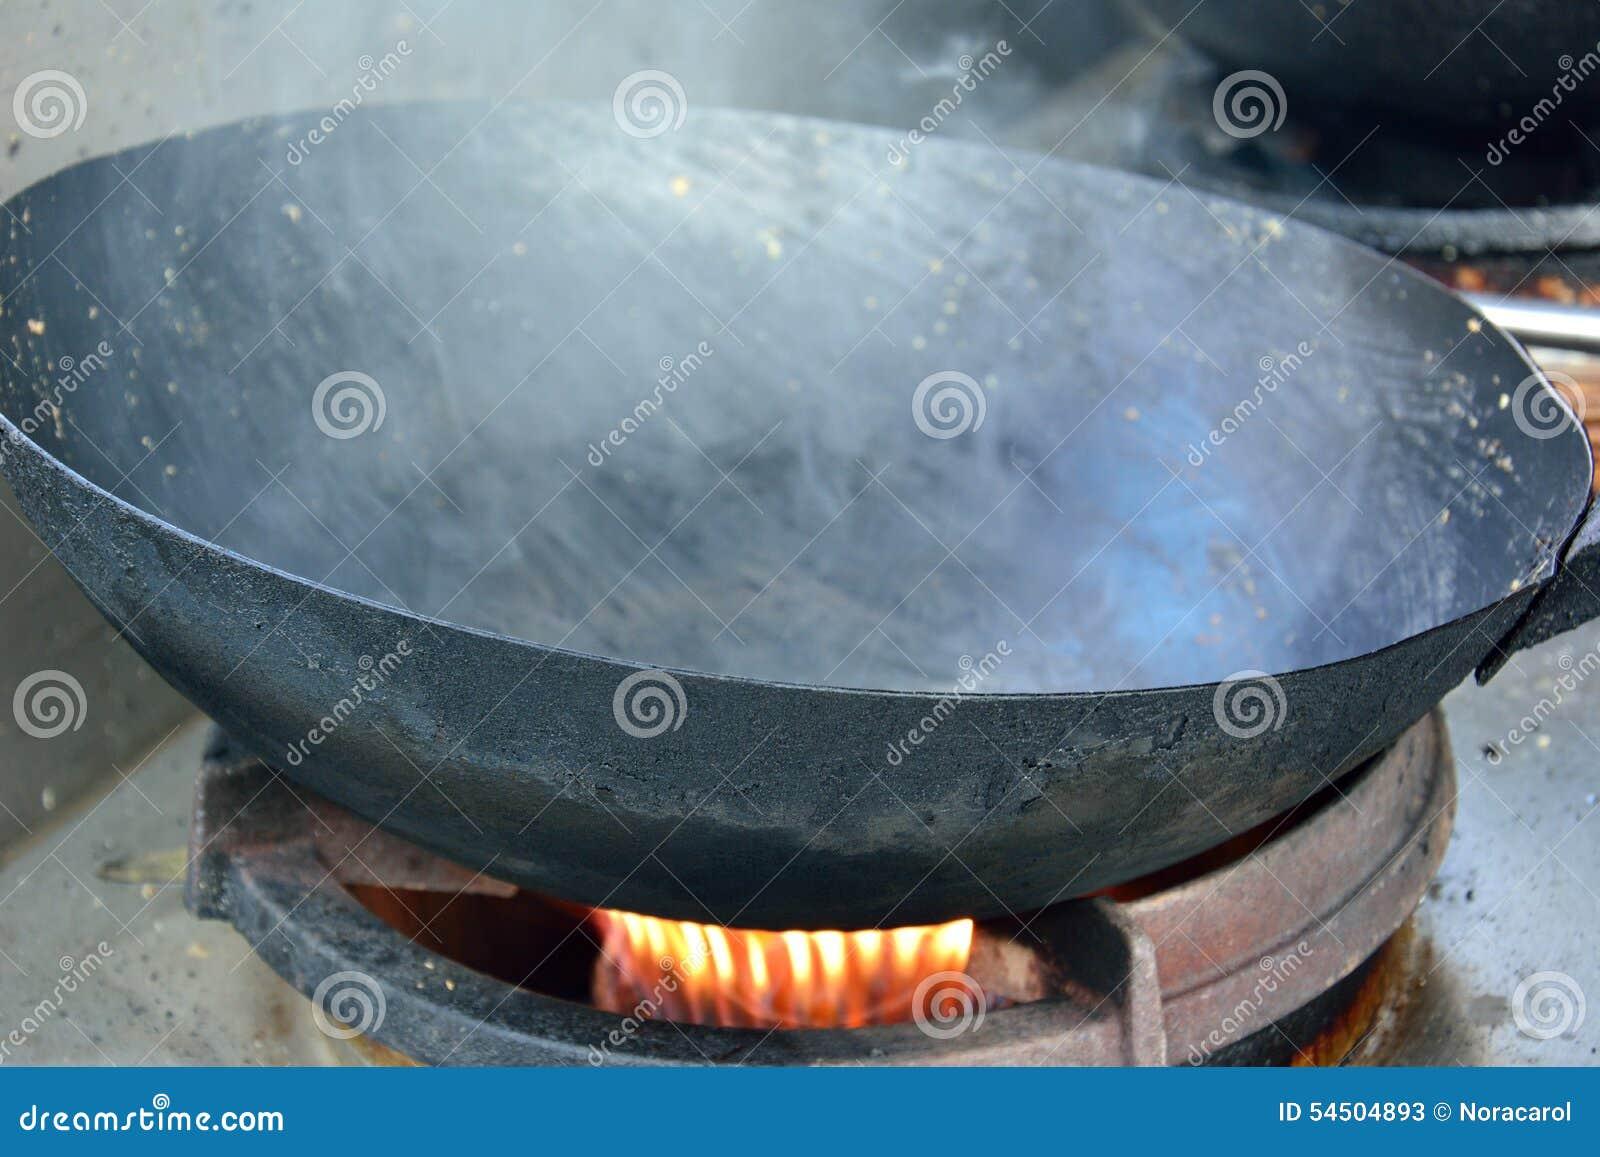 Wok chaud sur un fourneau